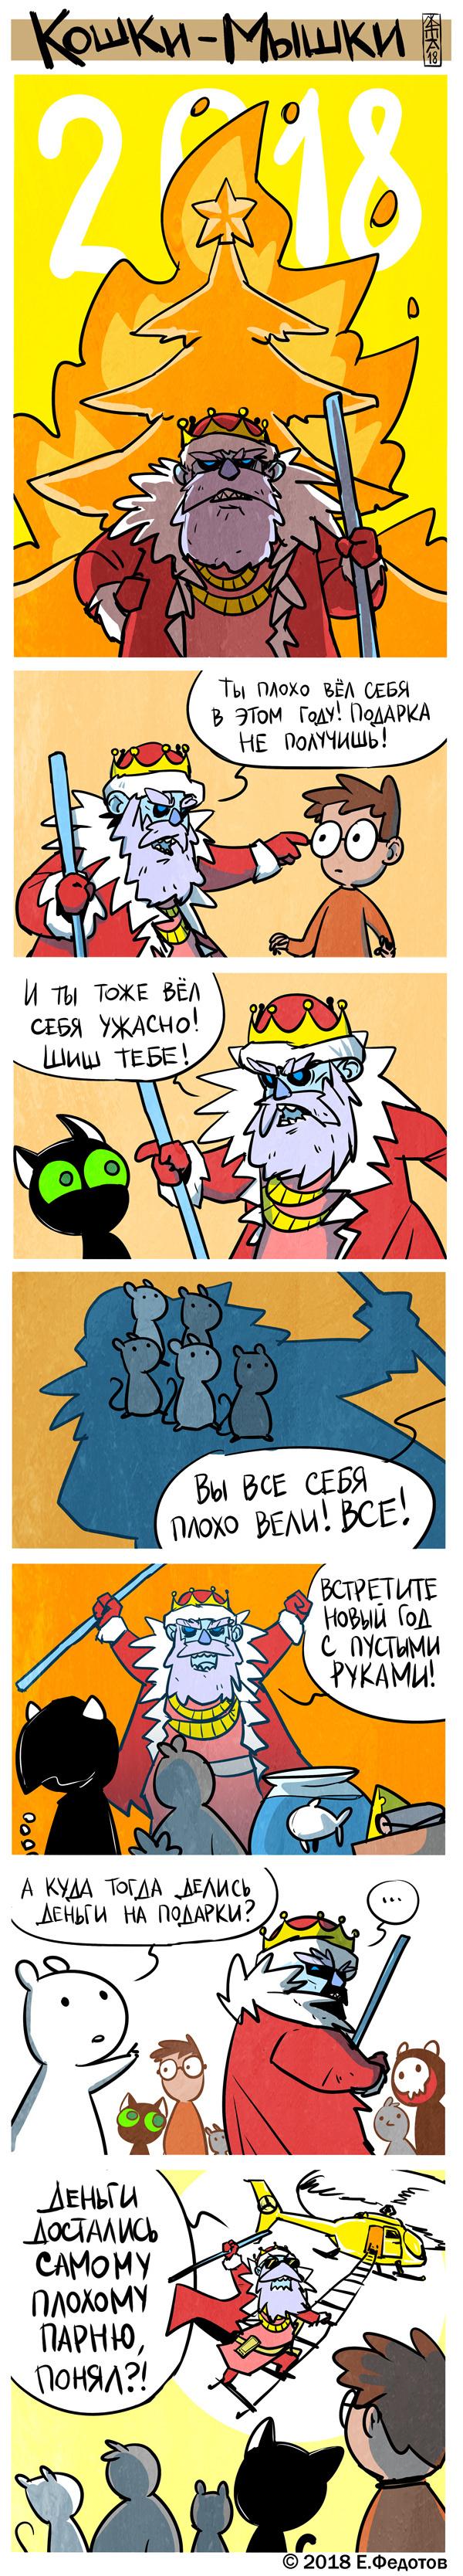 Дед Мороз, и ты туда же... Кошки-Мышки, Кот, Комиксы, Новый Год, Длиннопост